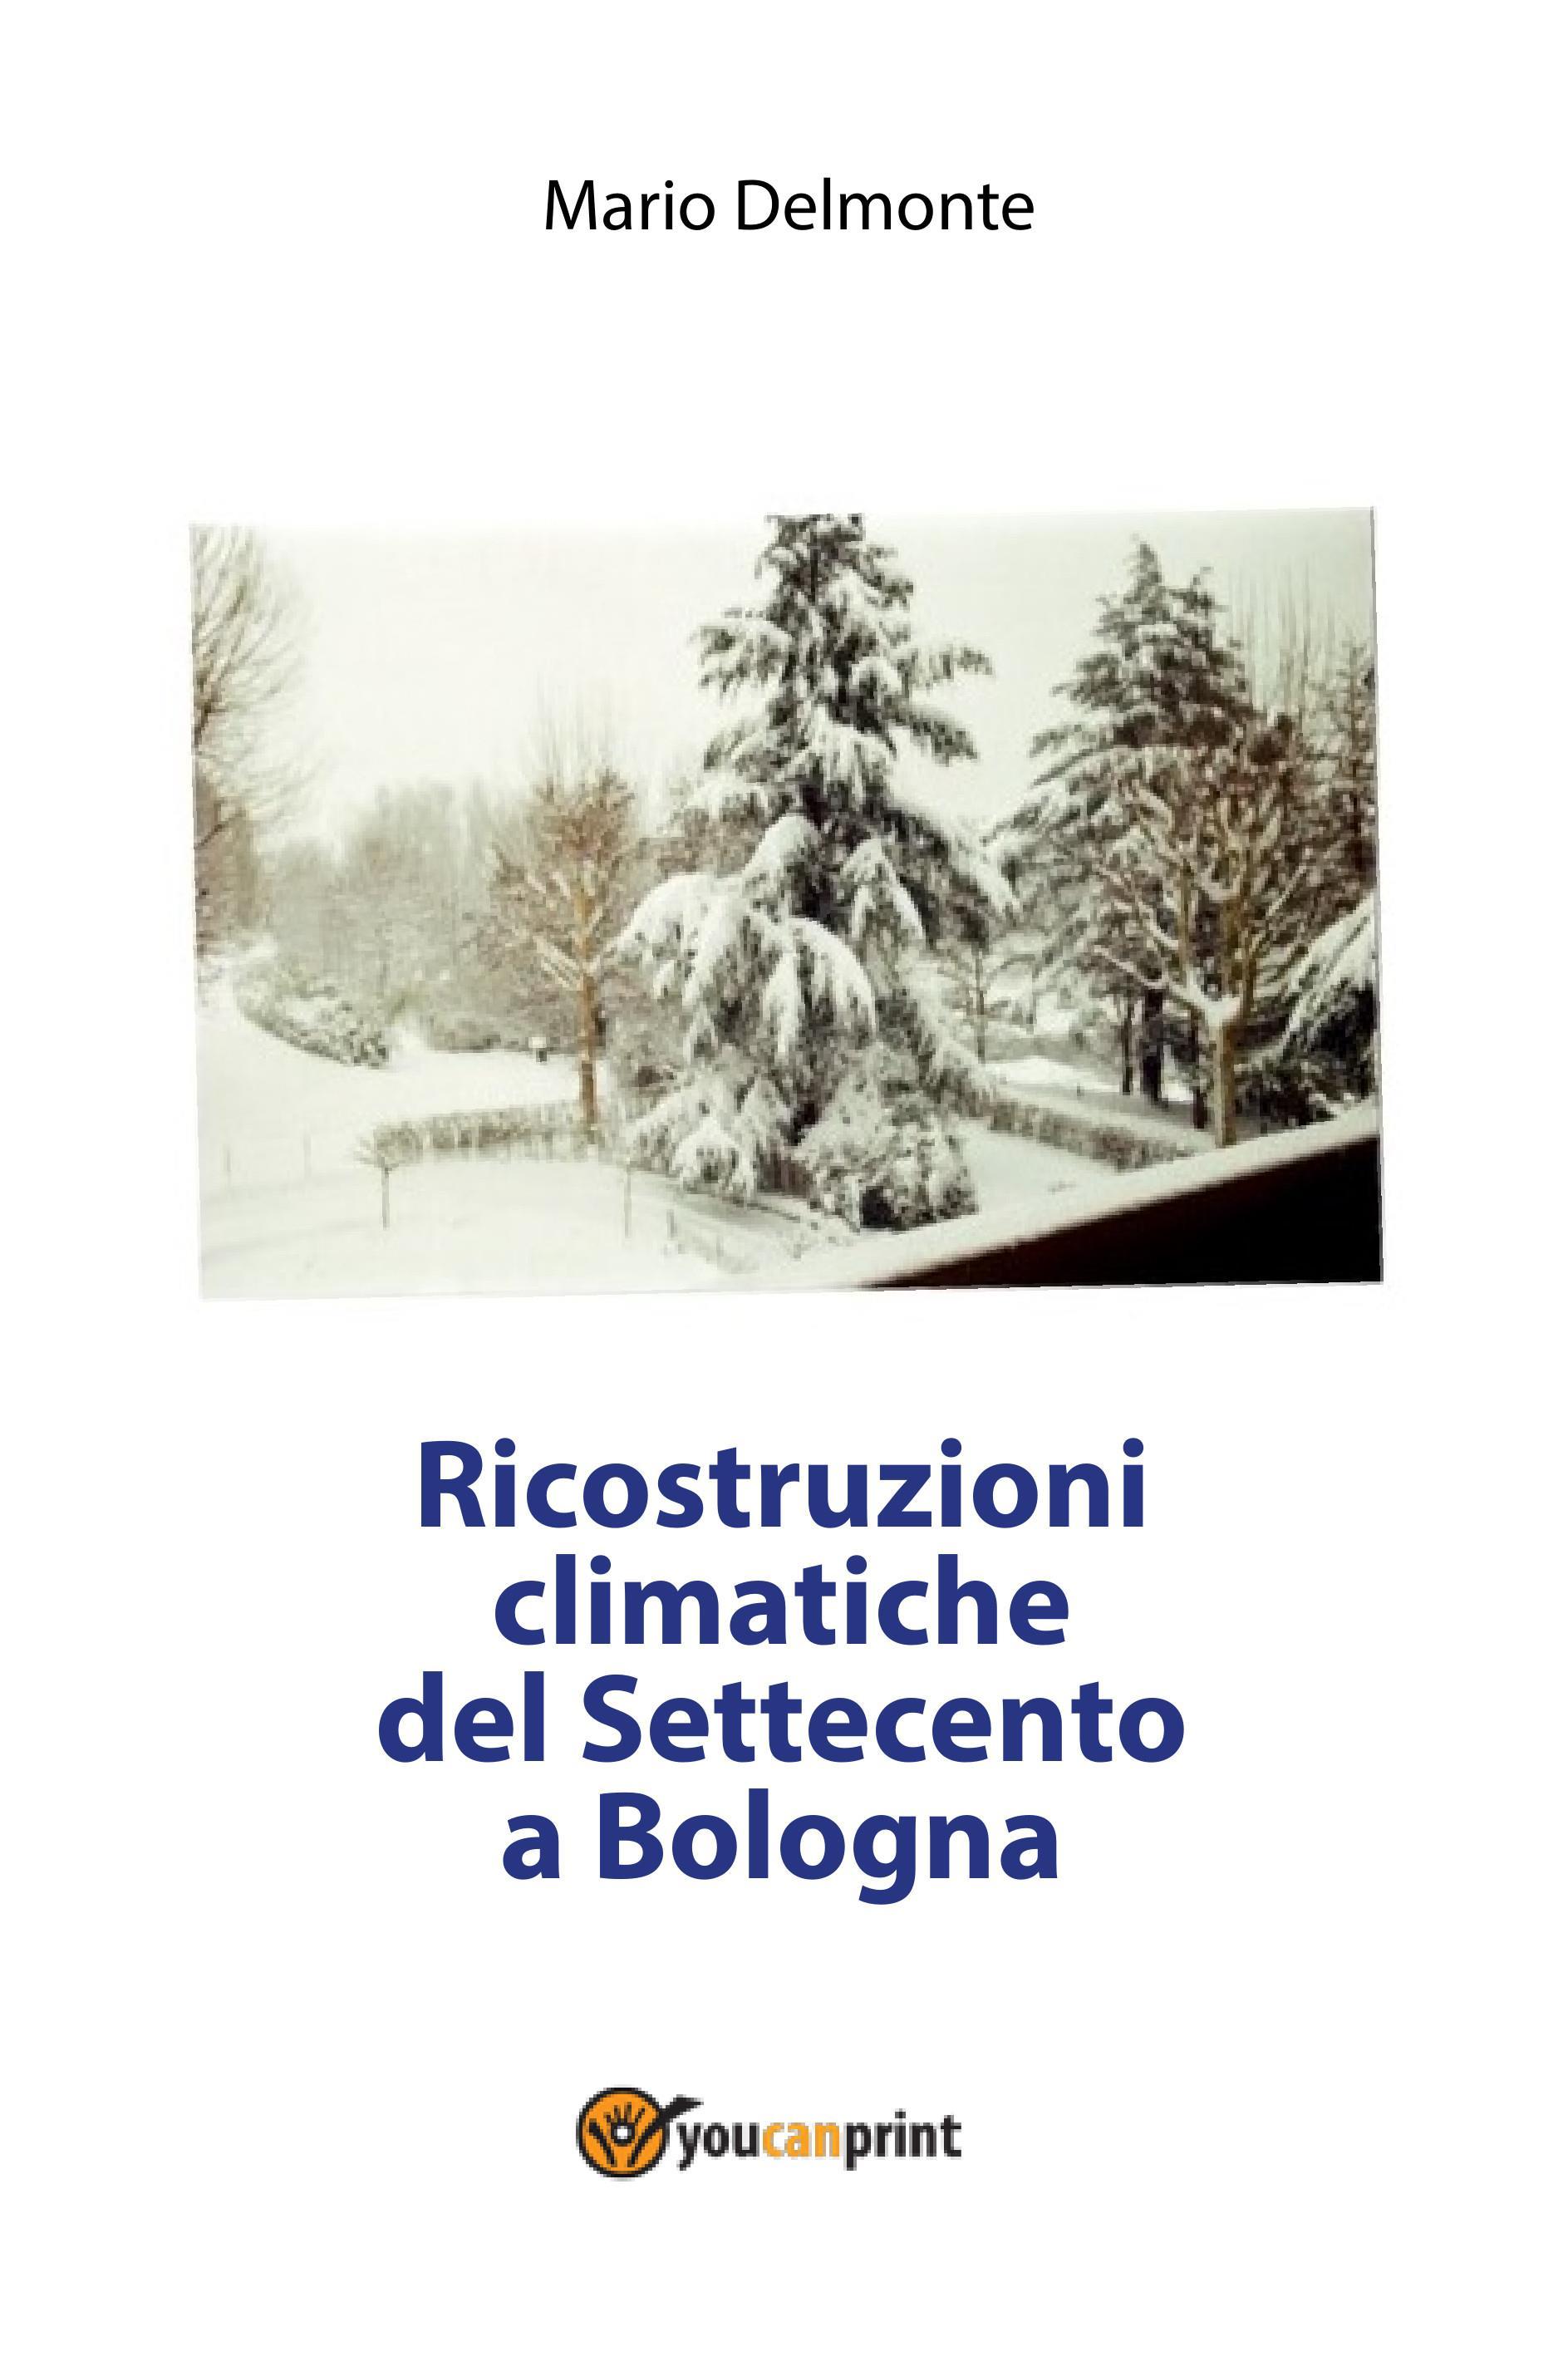 Ricostruzioni climatiche del Settecento a Bologna